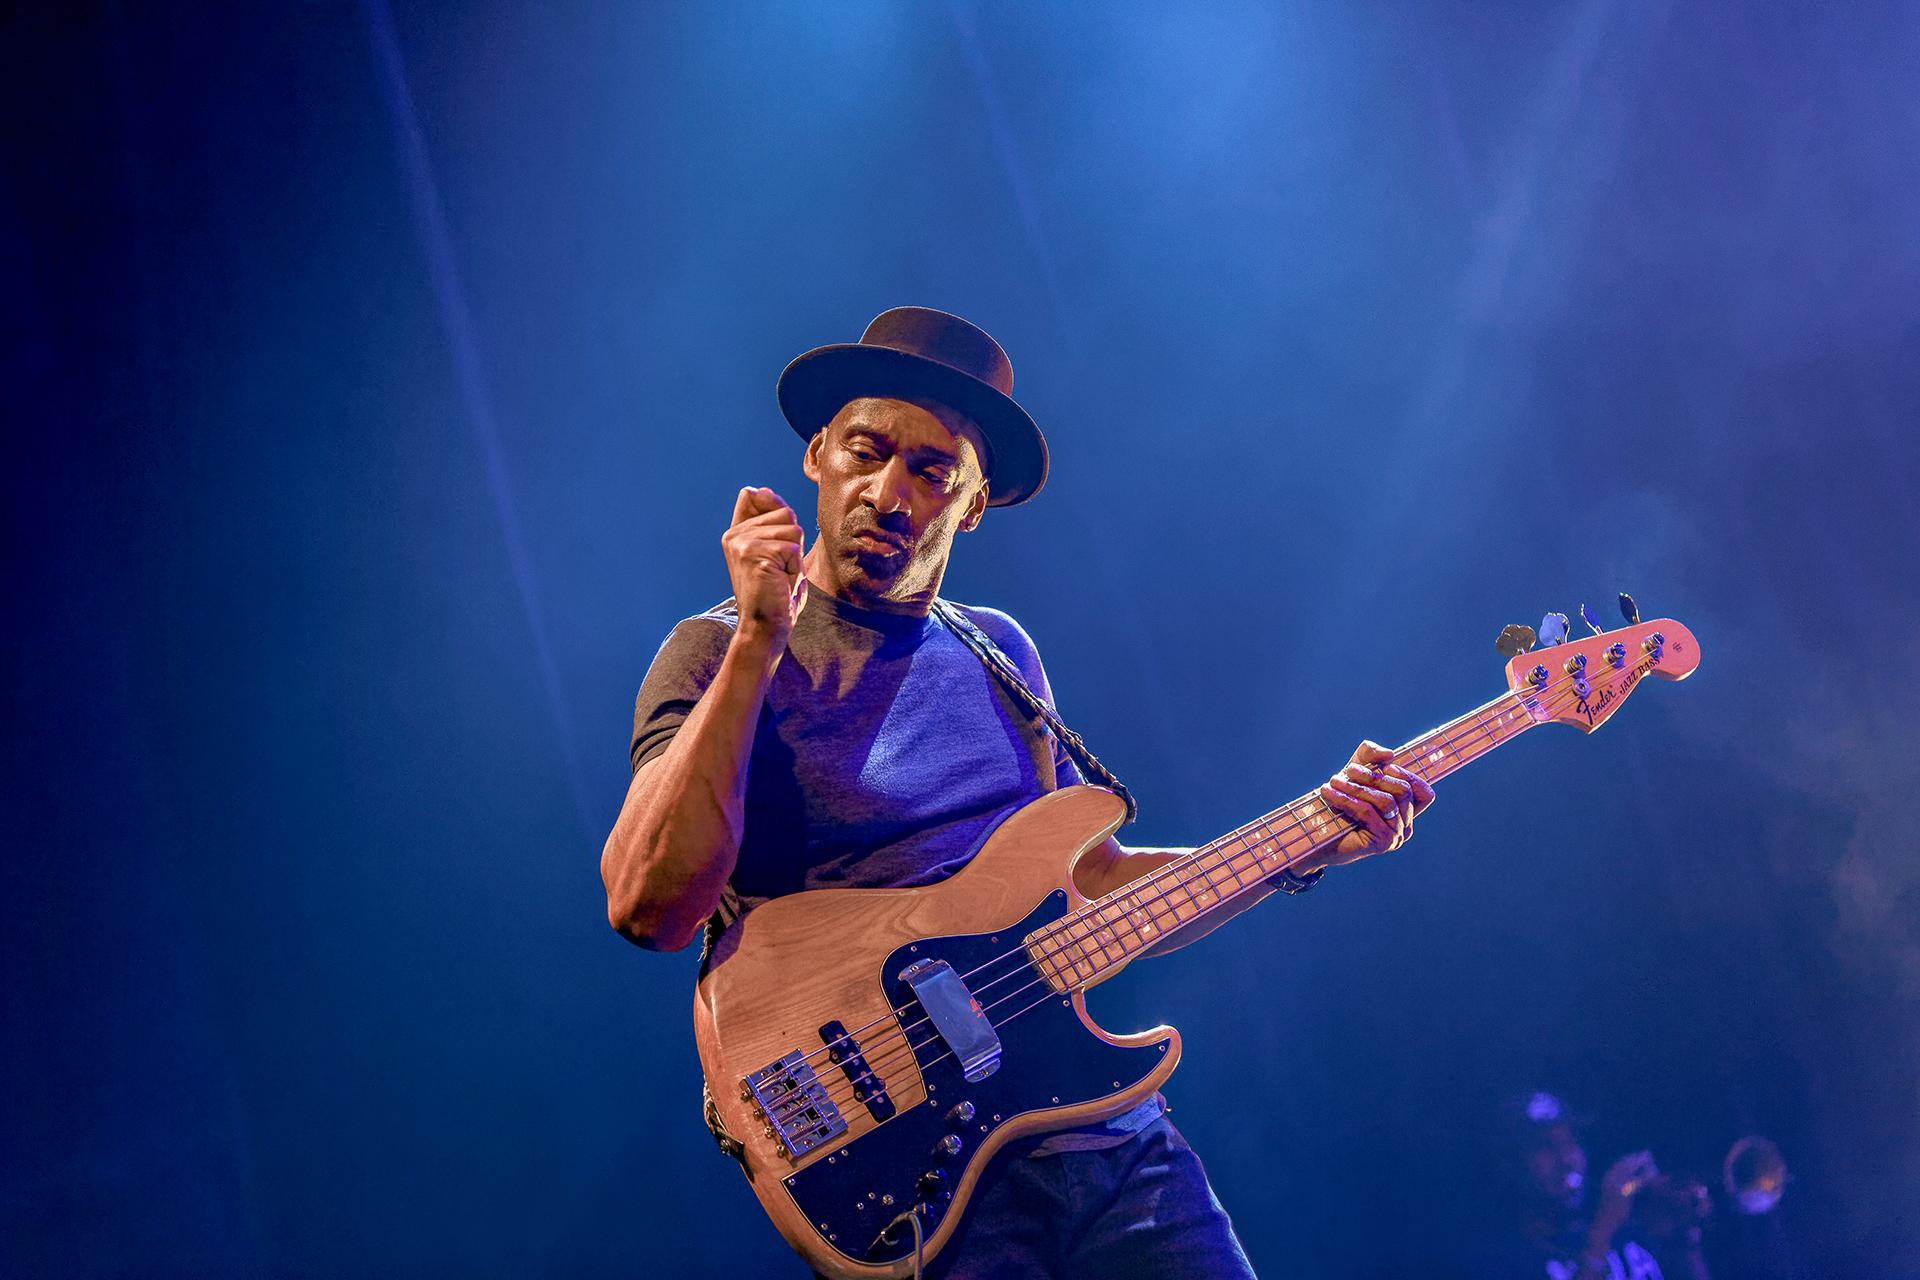 Marcus Miller Tour 2021 01